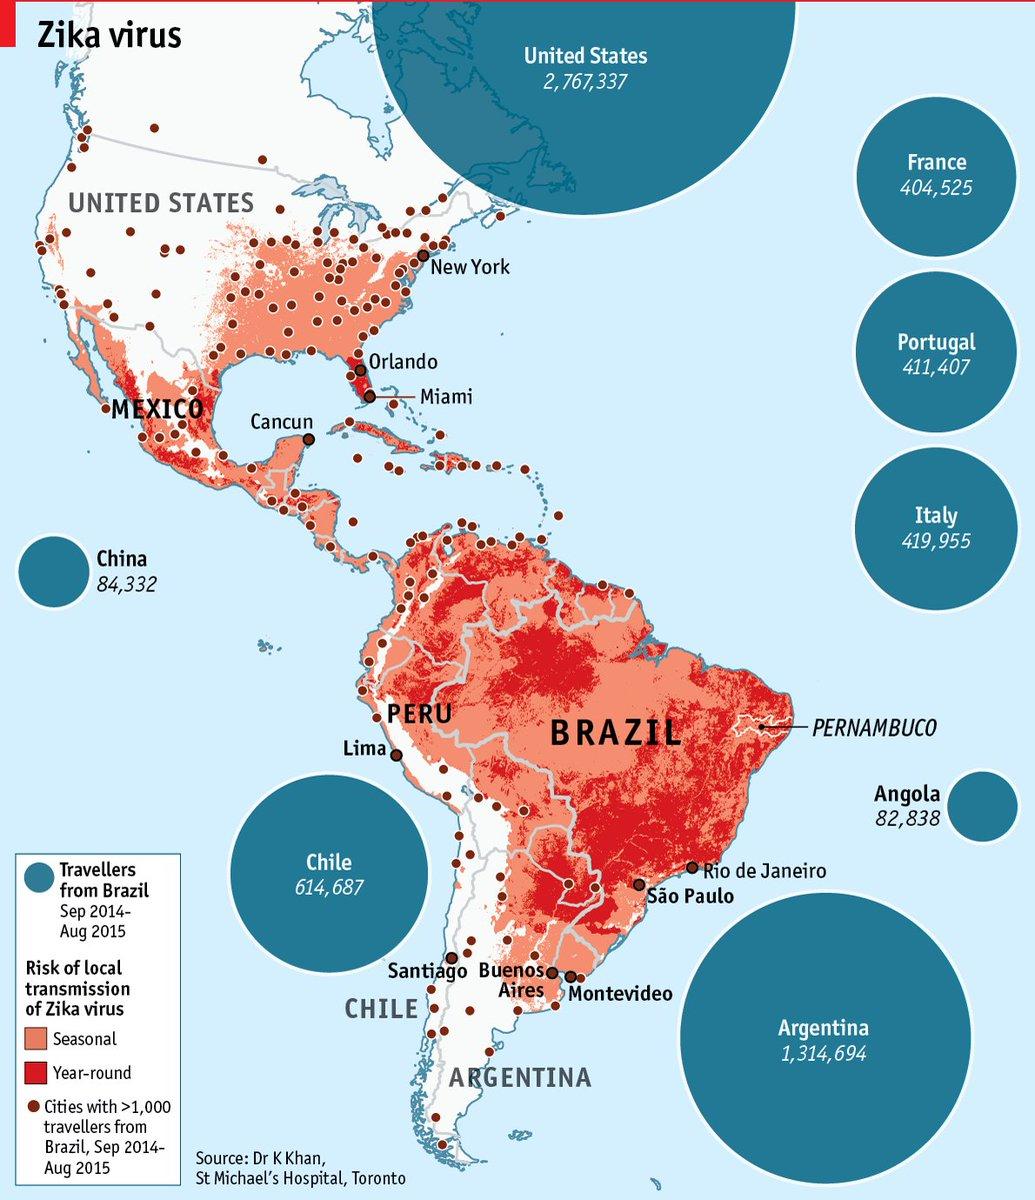 #DailyMap 27/01 L'america e #Zika. Quali sono le regioni più colpite e dove è più facile contrarre il virus https://t.co/CydbieTD1q